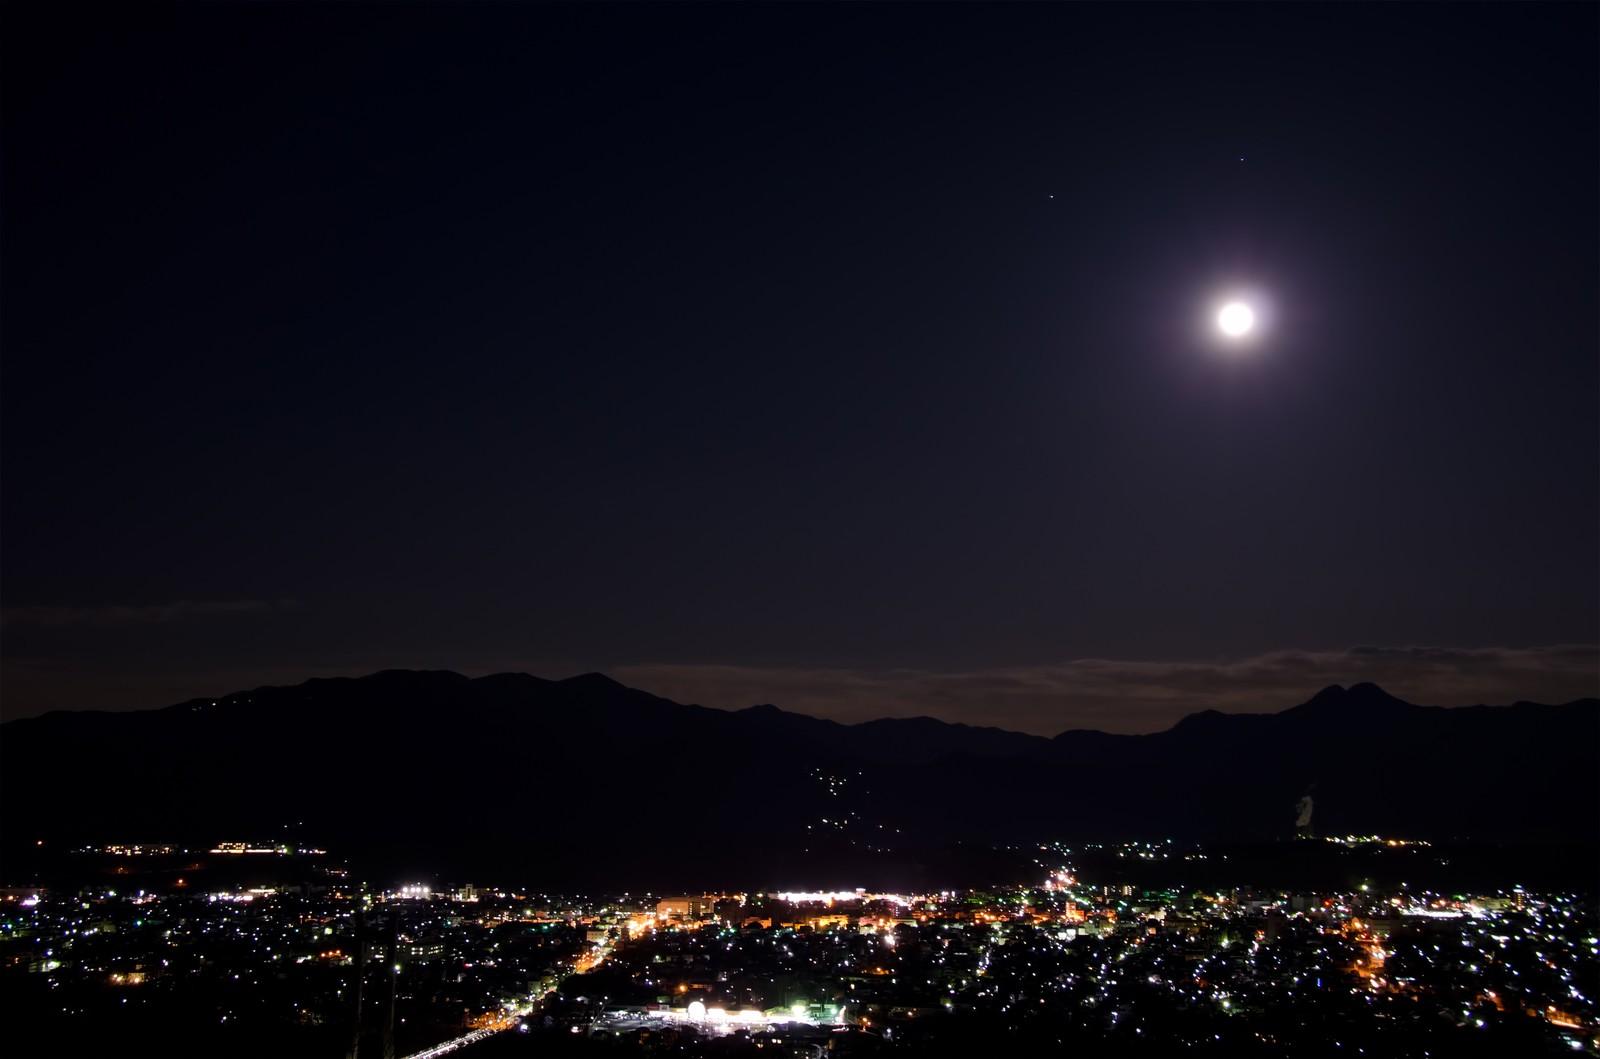 体験:ビューティーヨーガ・夜(シティスタジオ)クラス 1日体験レッスン 8月20日他